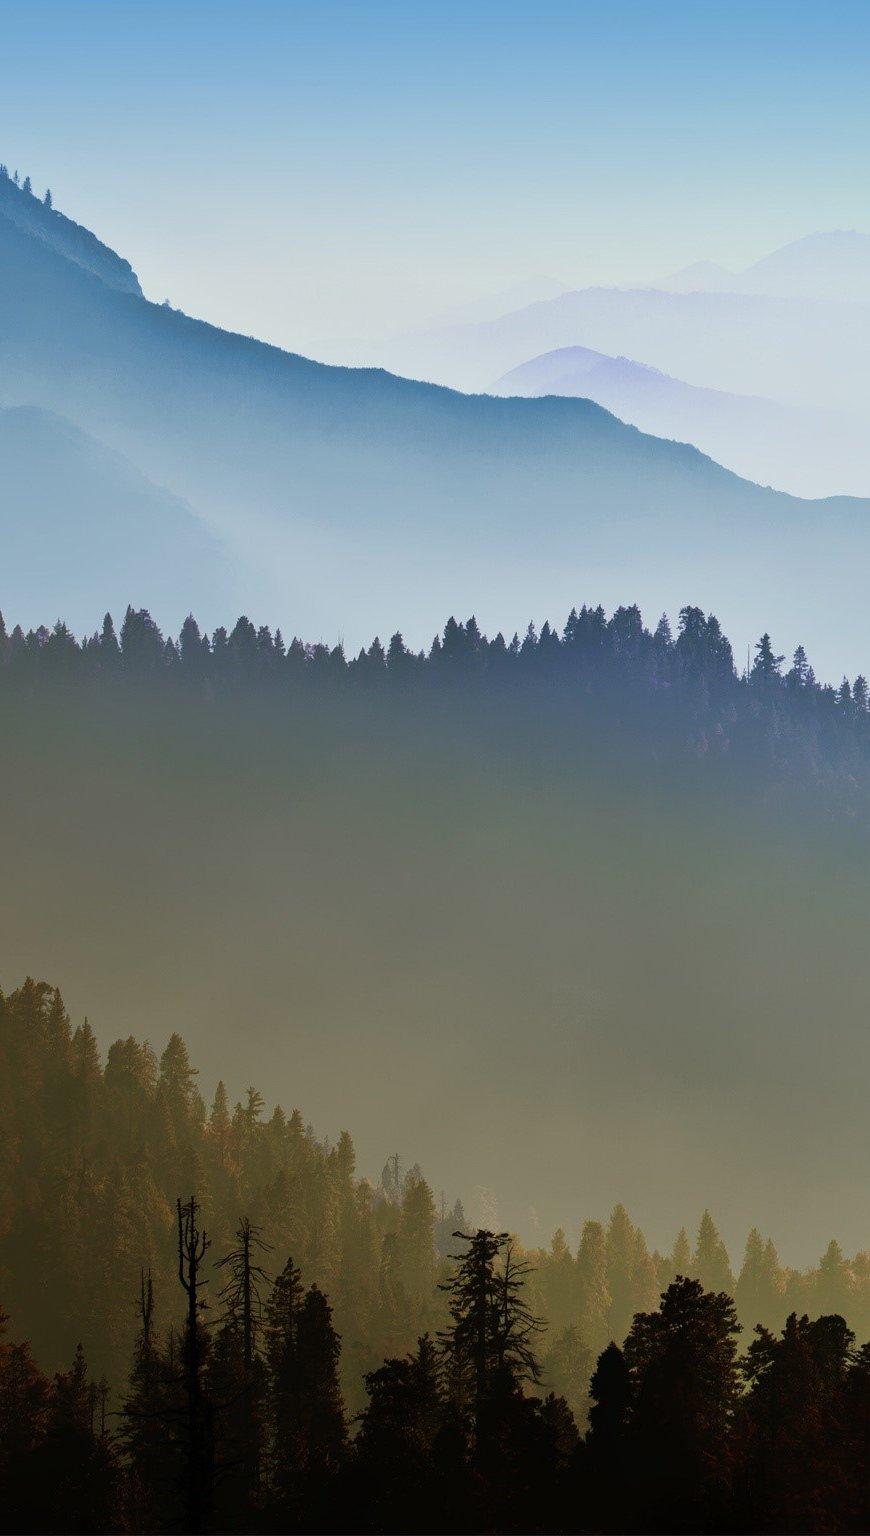 Fondos de pantalla Os x mavericks scenery 2048x1536 Vertical